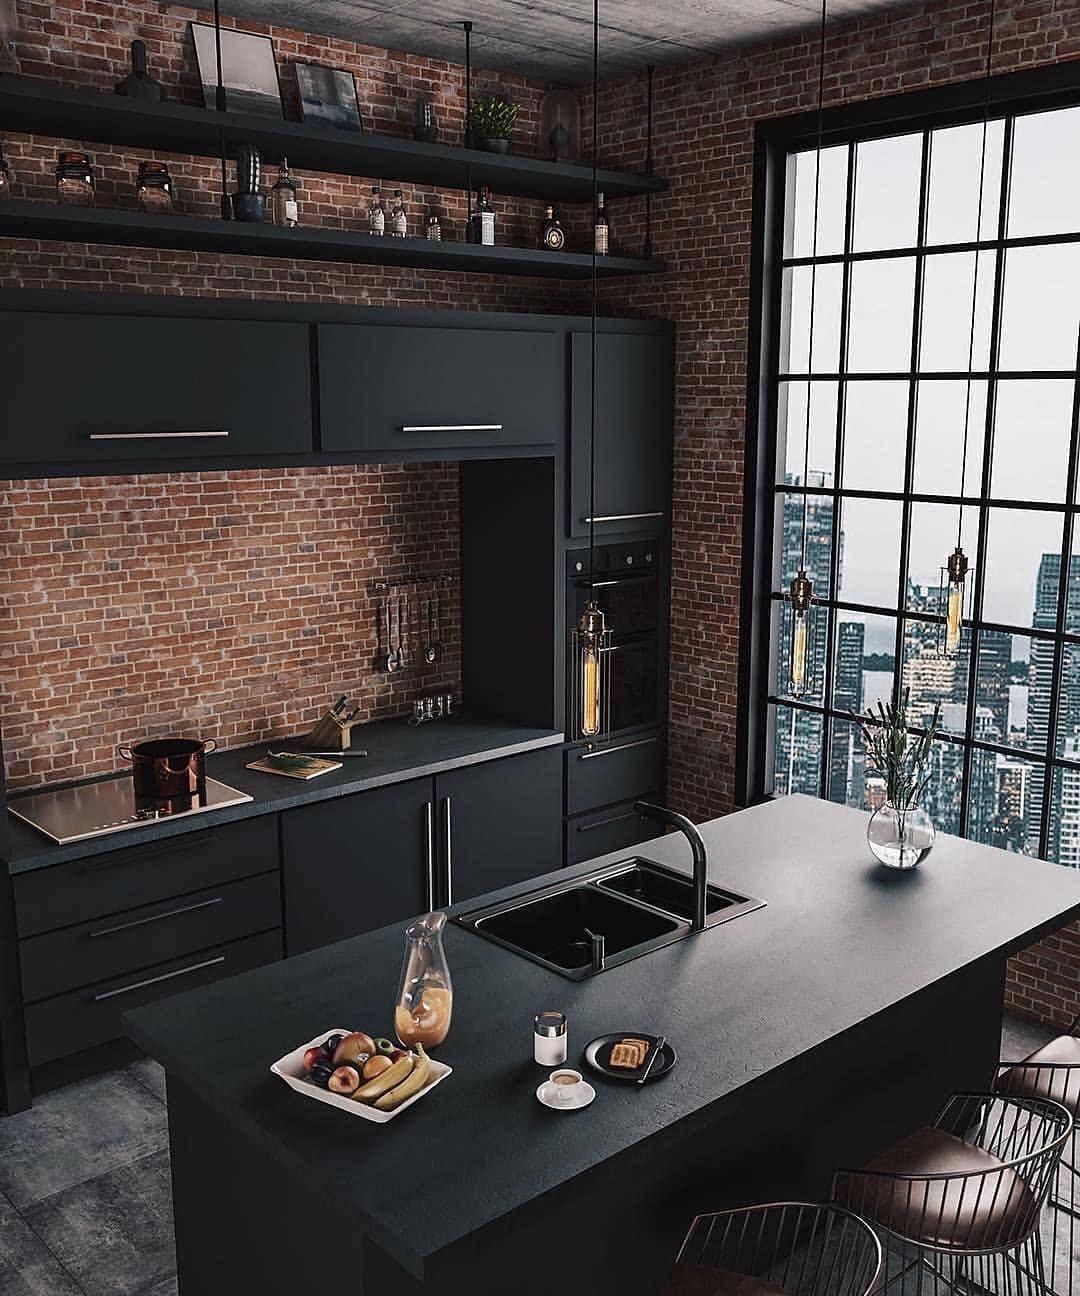 40 Mejores Ideas De Diseno De Interiores De Cocina 2019 Decoration Interior Design Int Industrial Kitchen Design Top Kitchen Designs Industrial Style Kitchen